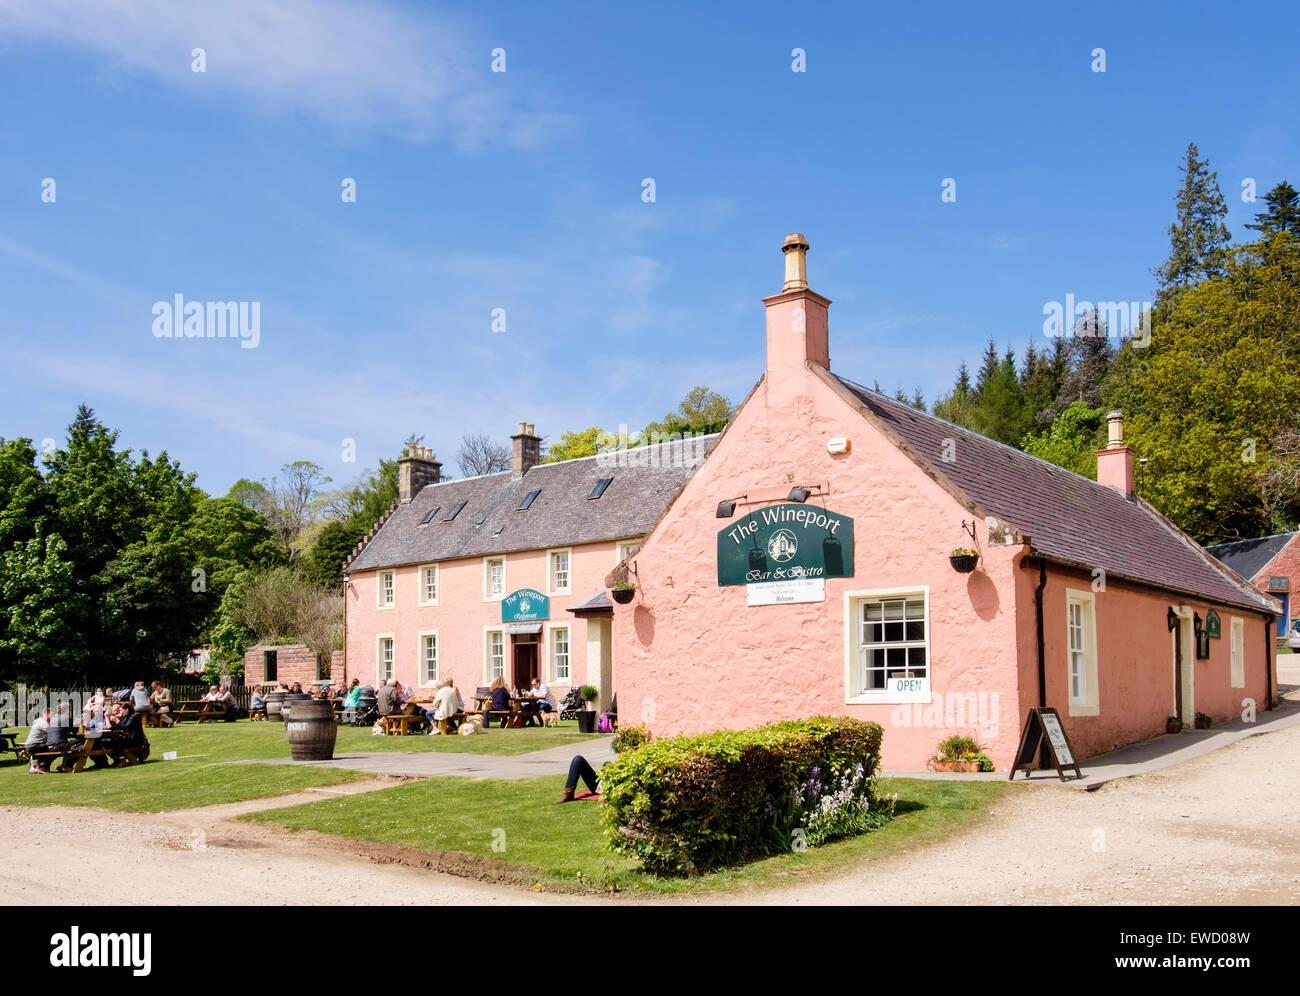 Sala da pranzo di persone al di fuori del Wineport bar e ristorante bistro vicino a Brodick, Isle of Arran, North Foto Stock